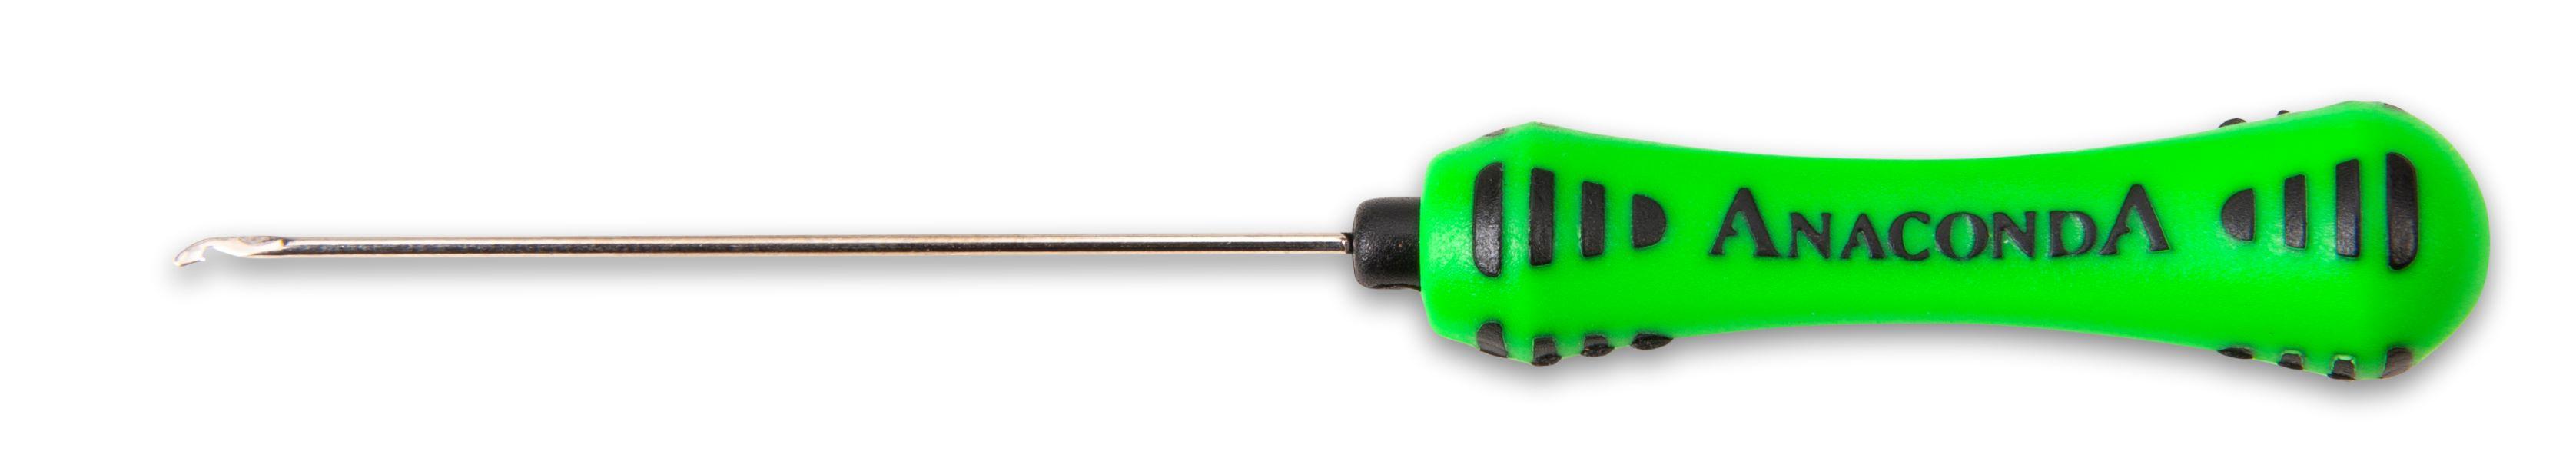 Ihla Anaconda Razor Tip Needle - zelená